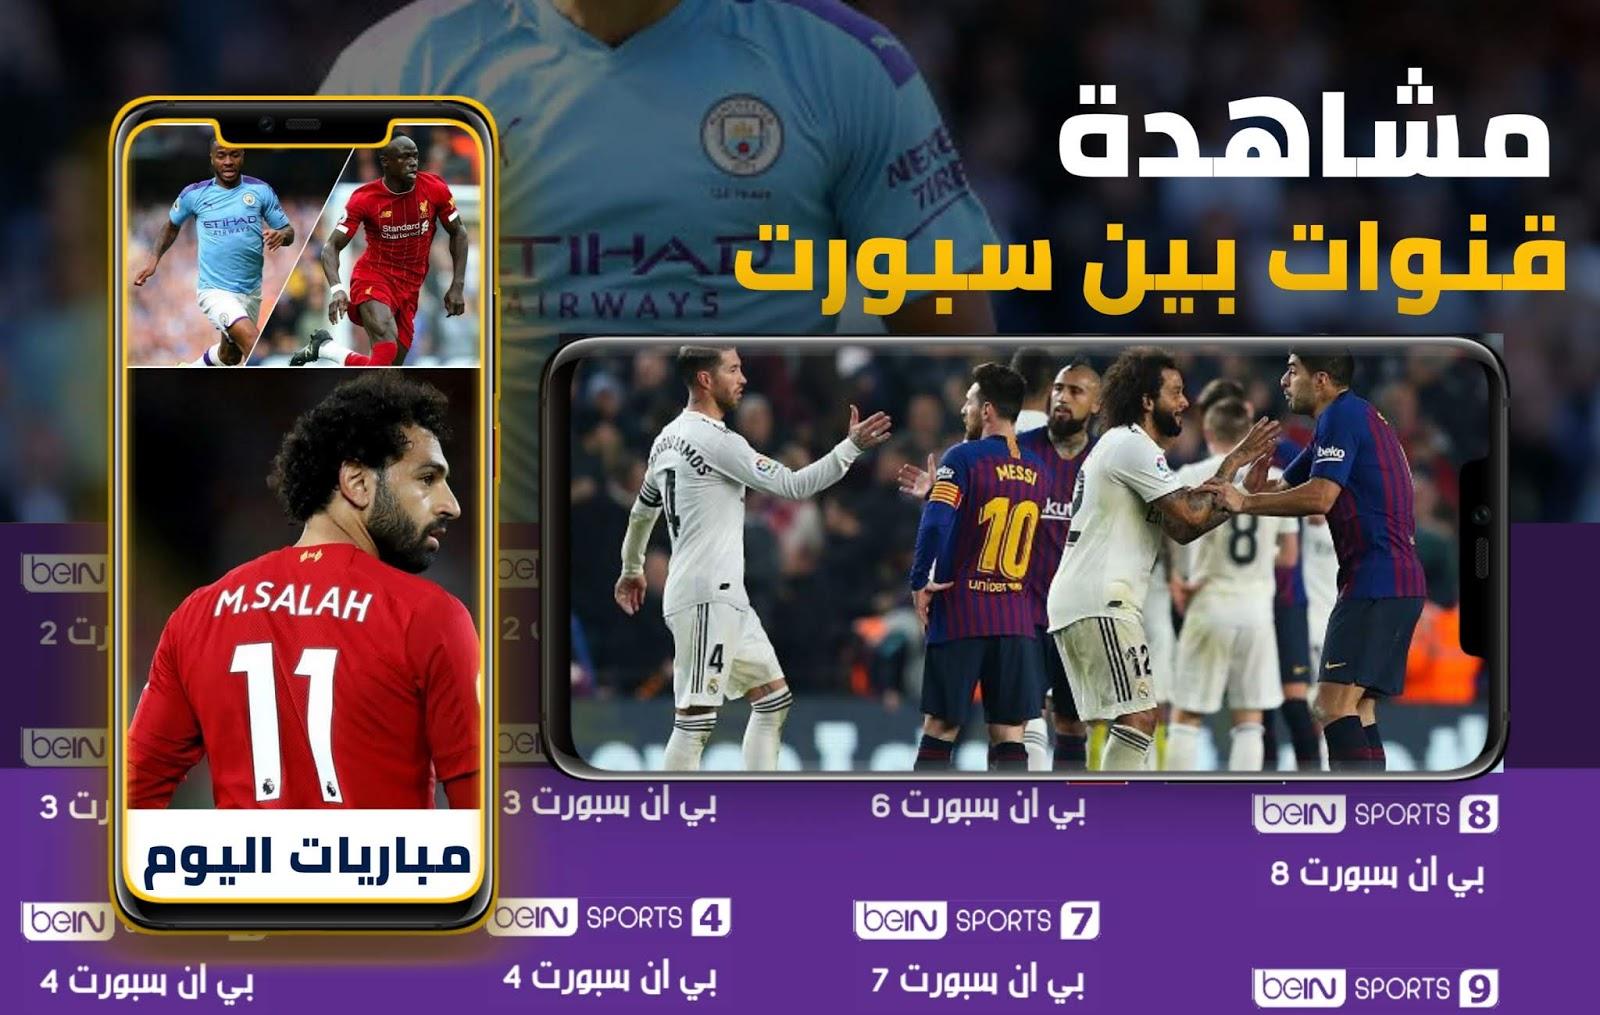 تنزيل تطبيق مشاهدة المباريات بث مباشر